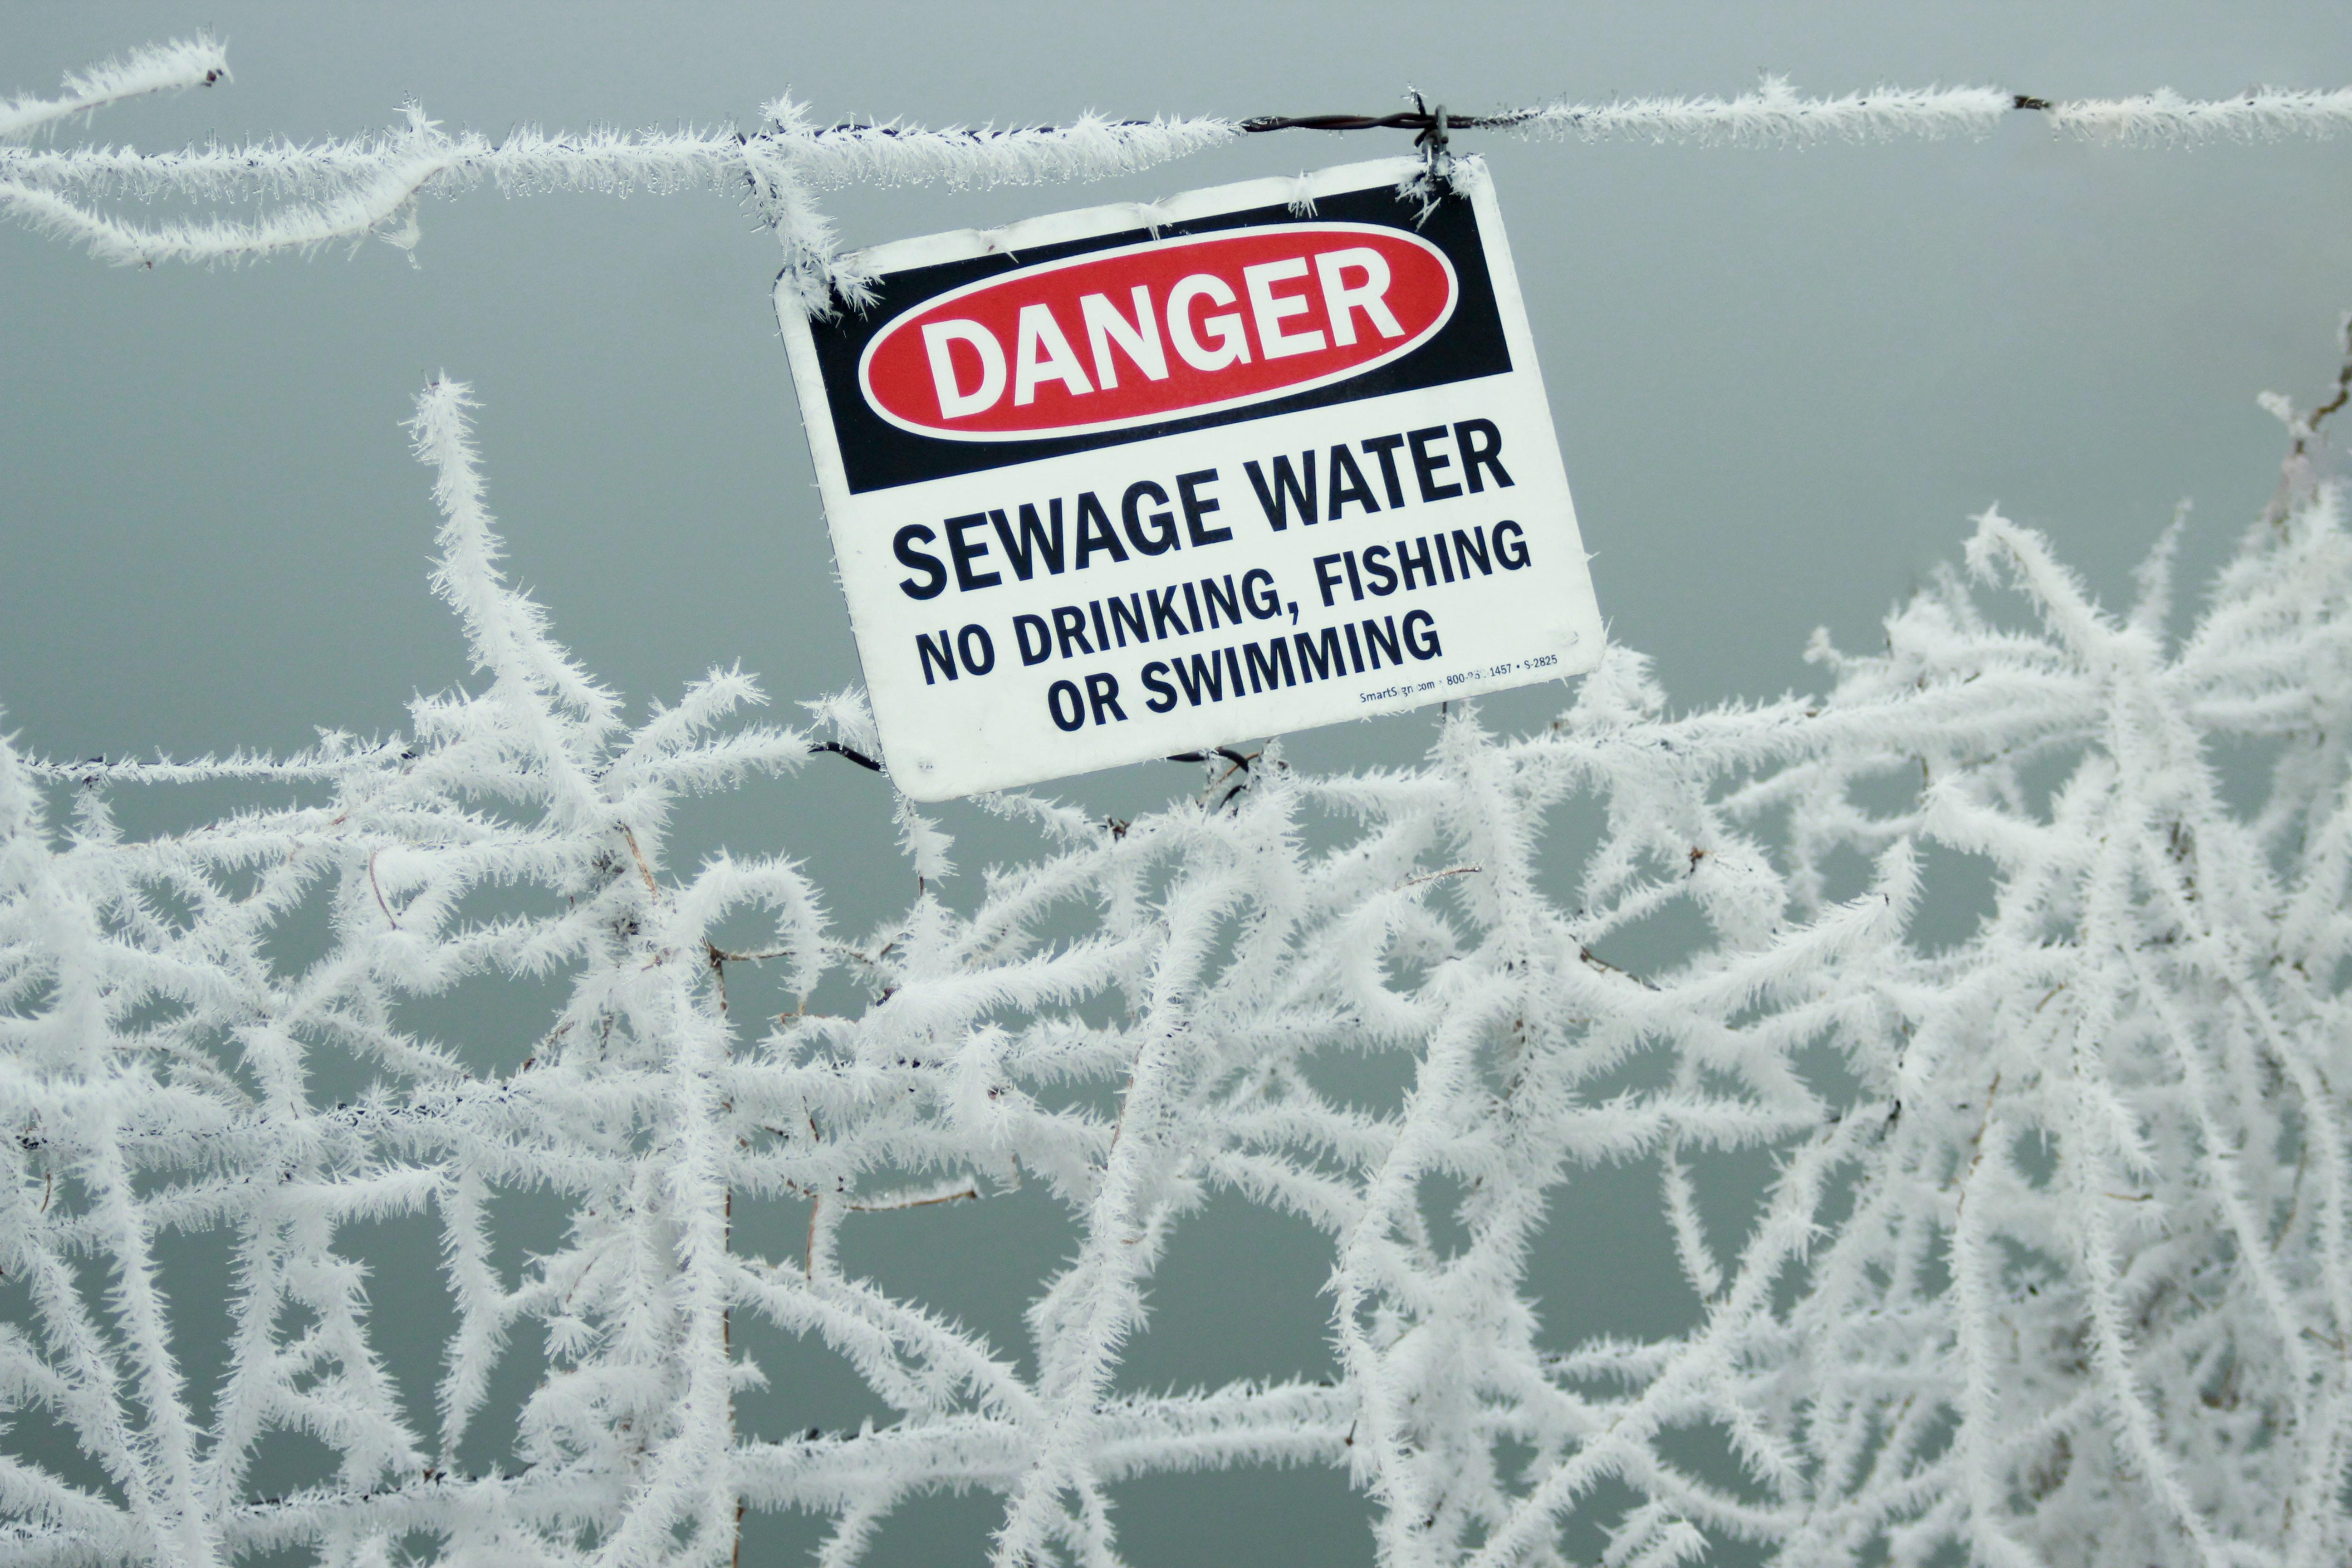 Danger sewage water signage